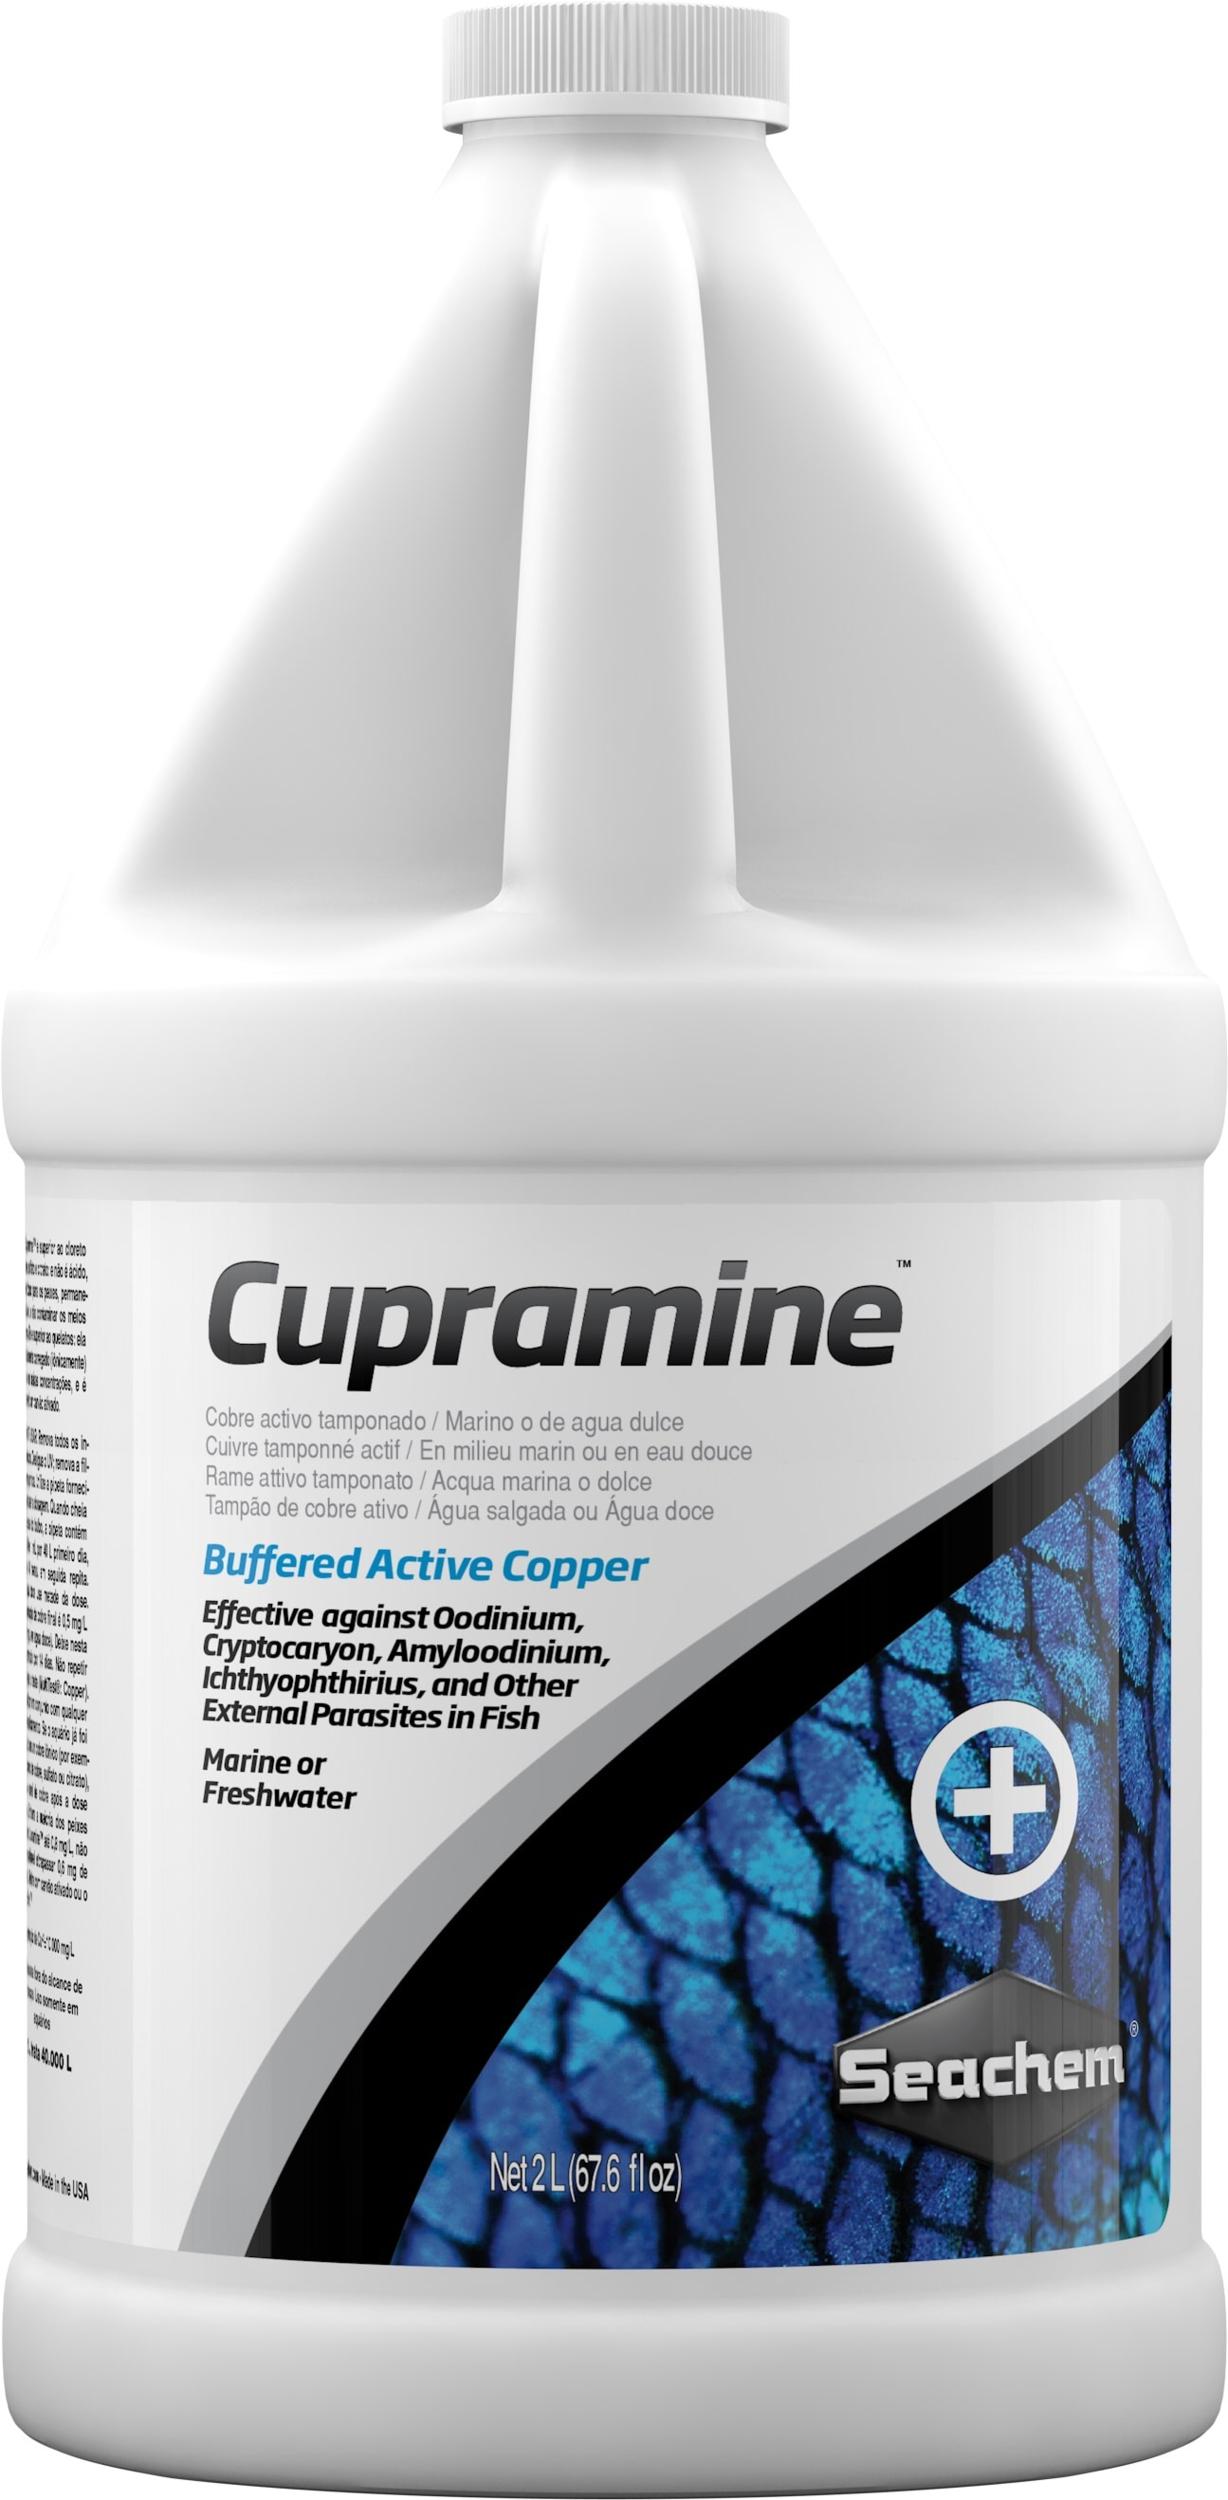 SEACHEM Cupramine 2 L traitement au cuivre actif contre les parasites externes